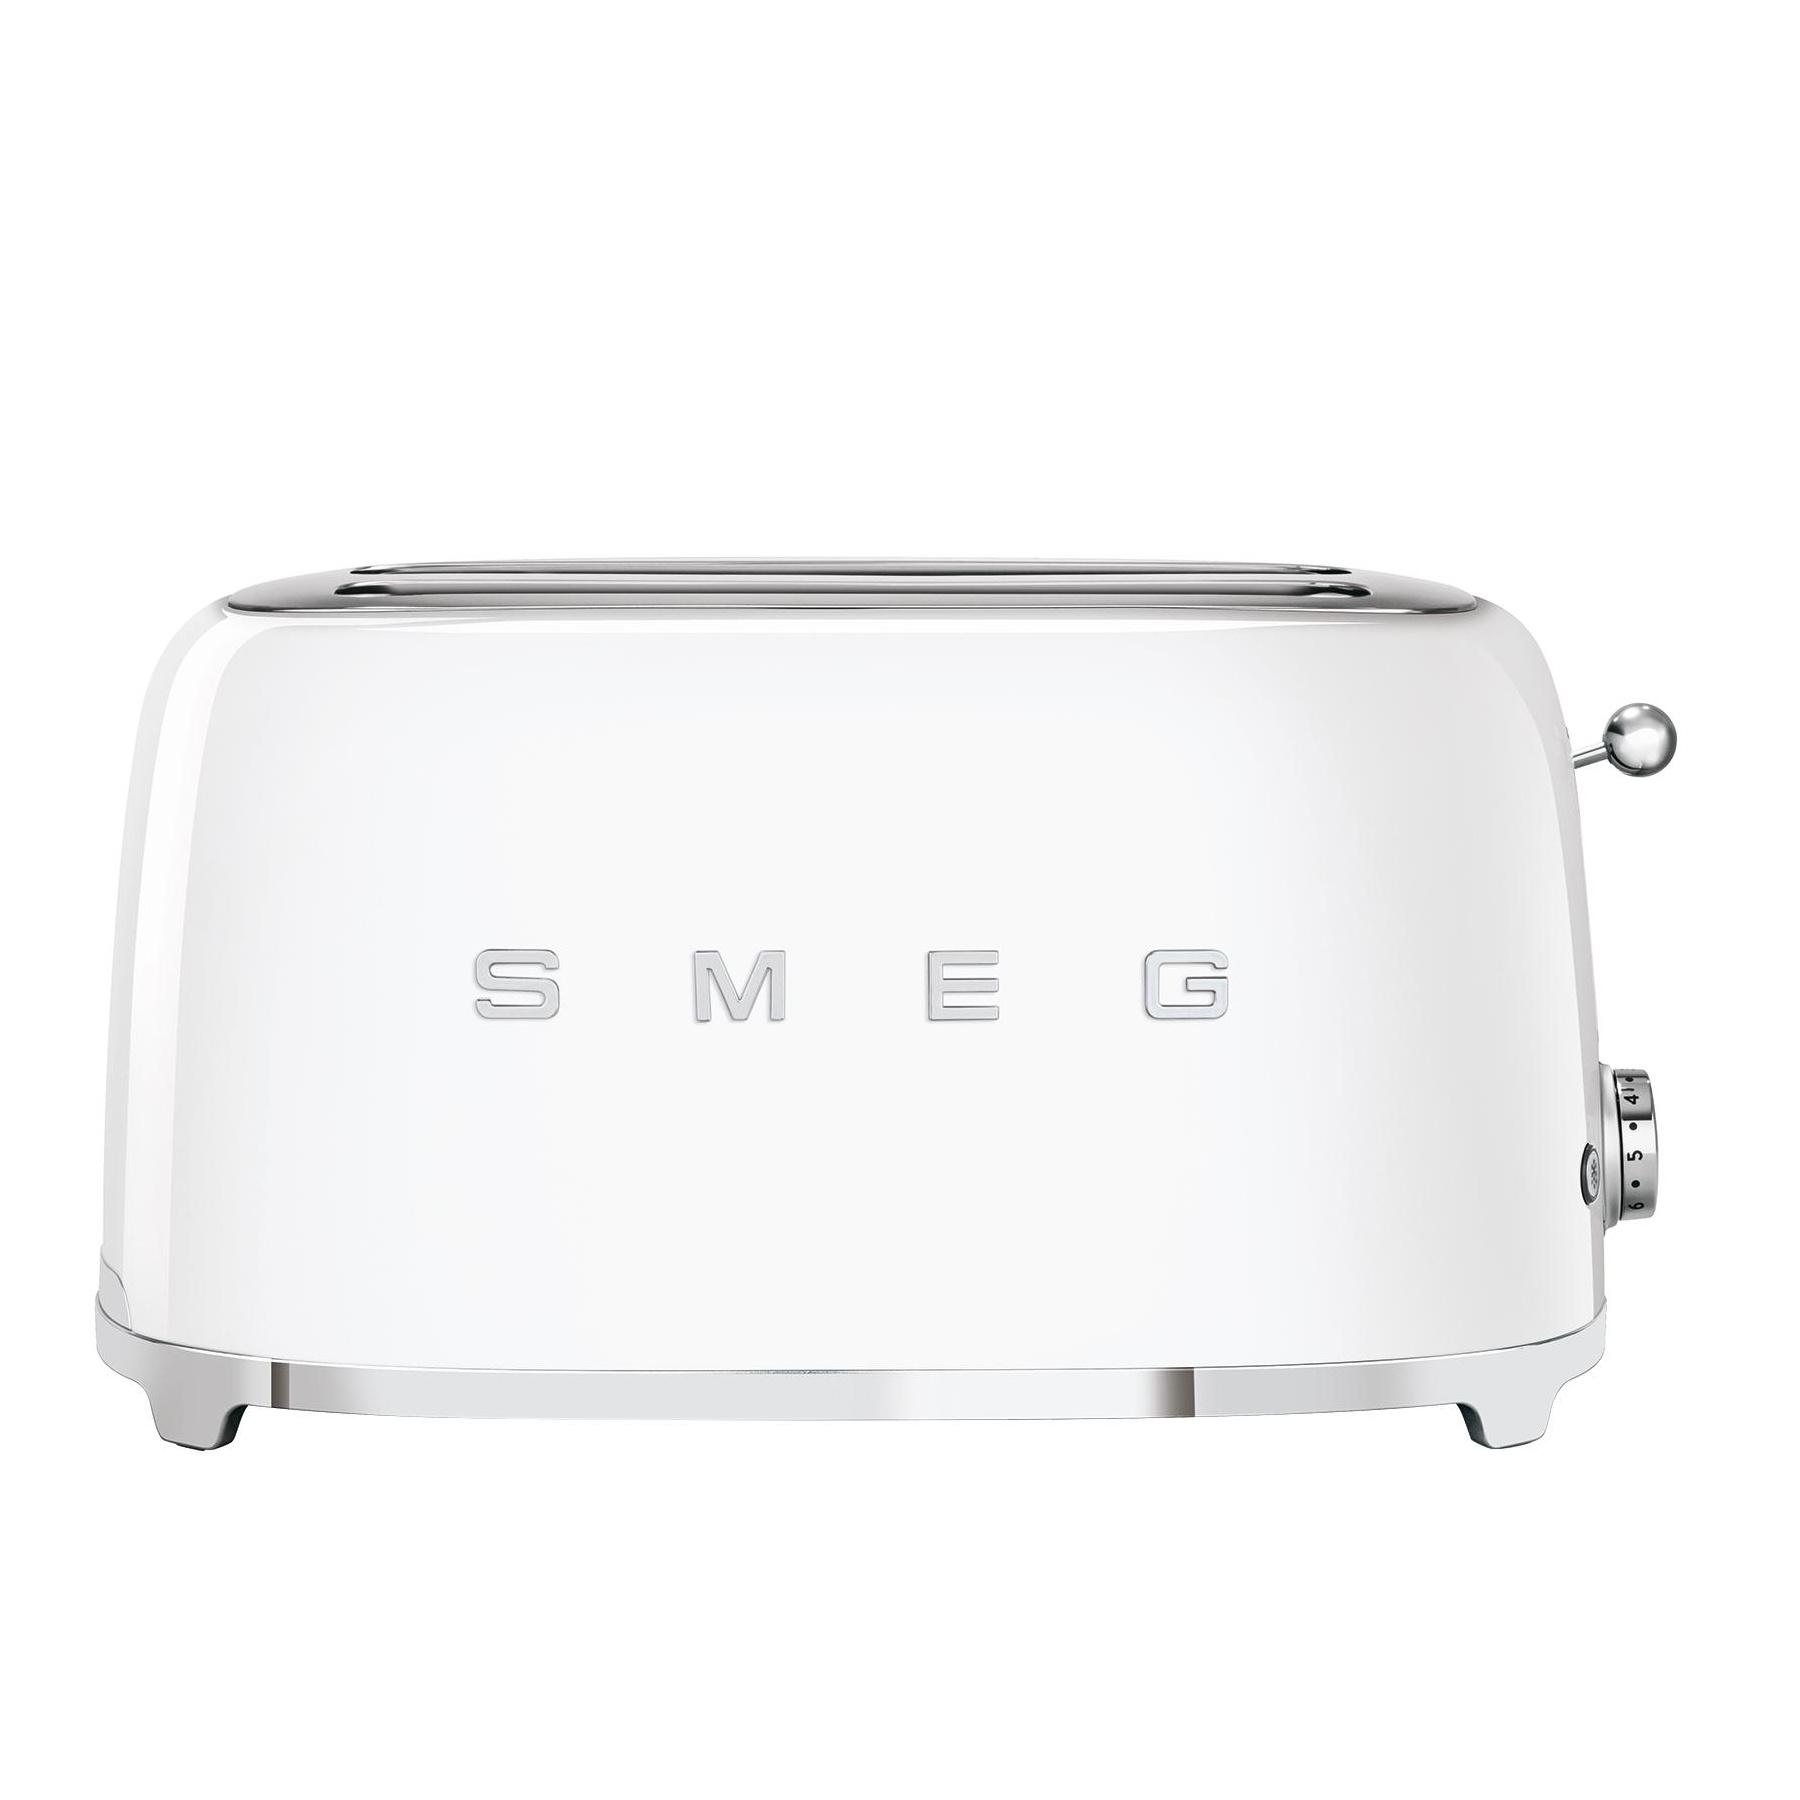 Smeg - TSF02 4-Scheiben Toaster - weiß/lackiert/BxHxT 41x20|8x21|5cm/6 Röstgradstufen/1500W | Küche und Esszimmer > Küchengeräte > Toaster | Weiß | Metall | Smeg